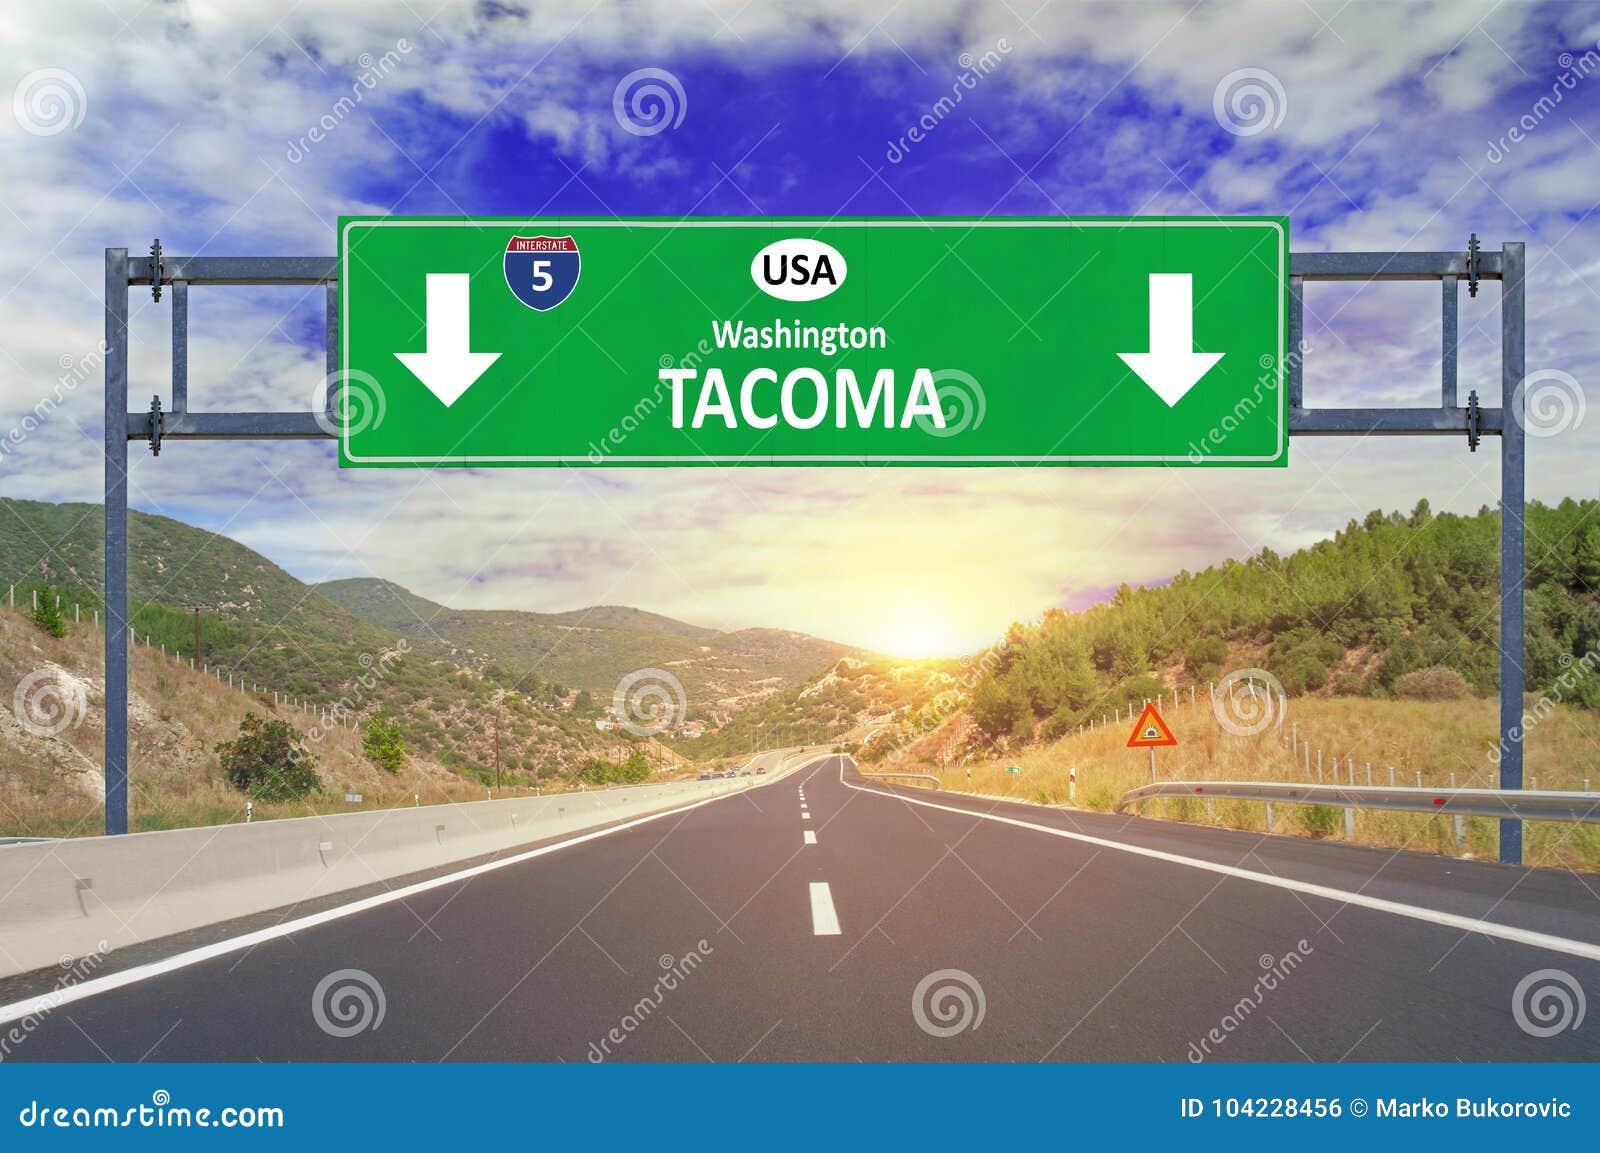 US-Stadt Tacoma-Verkehrsschild auf Landstraße